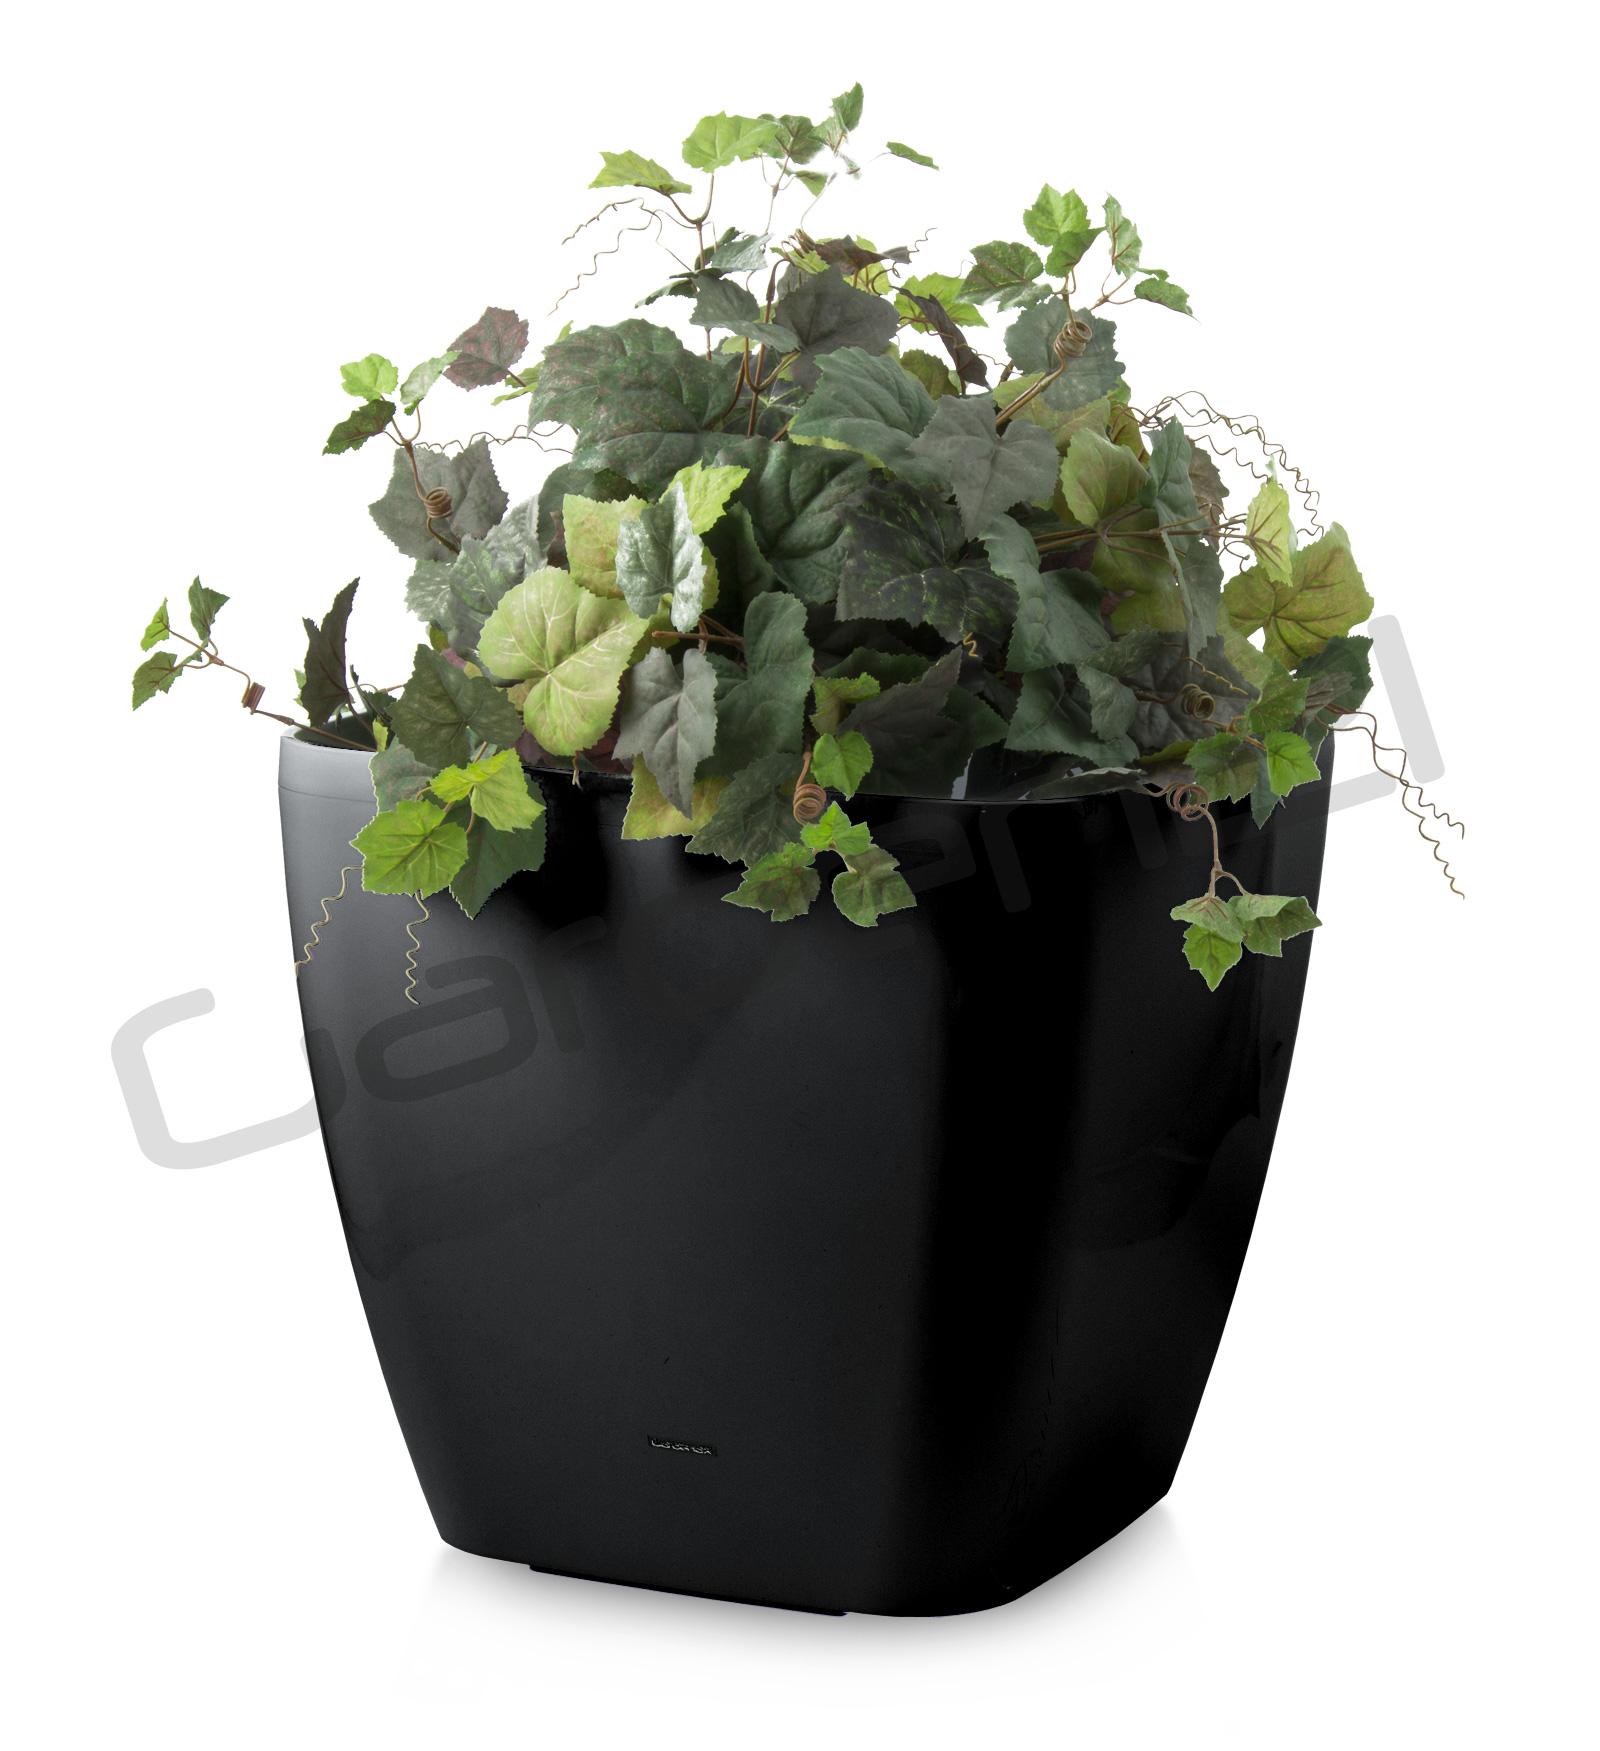 Samozavlažovací květináč G21 Cube maxi černý 45cm + doprava zdarma